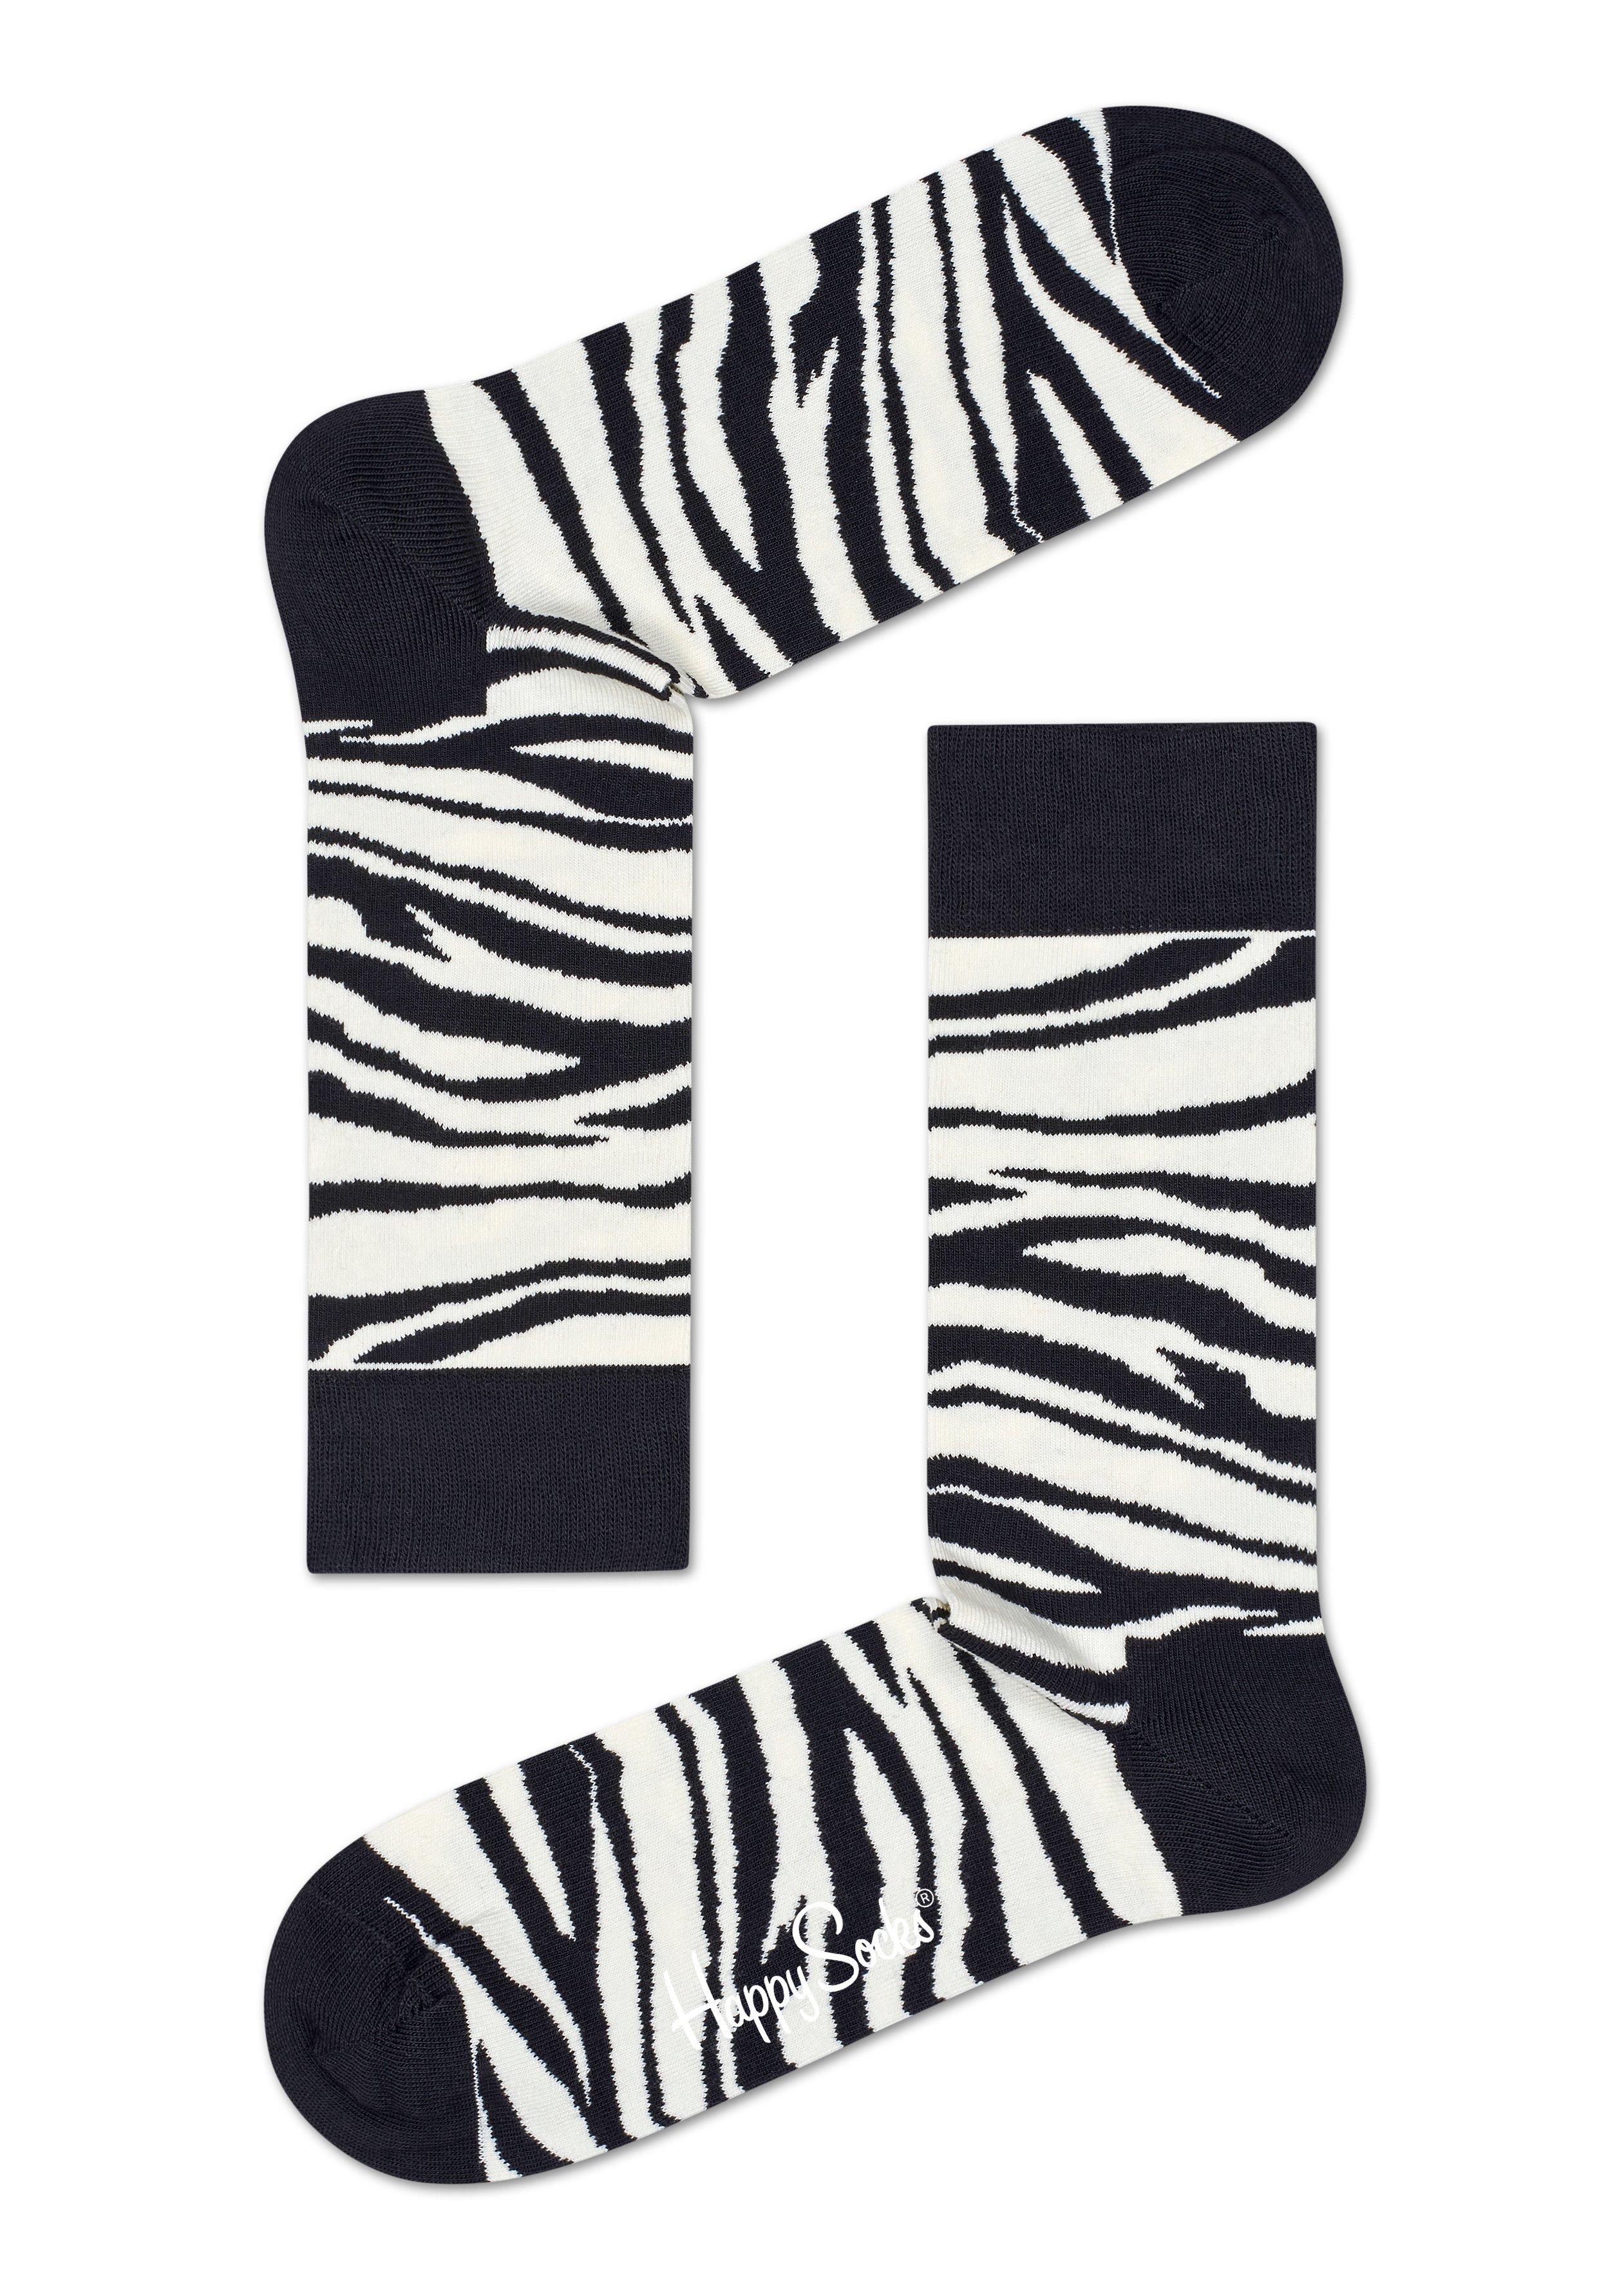 Černobílé ponožky Happy Socks se vzorem Zebra - S-M (36-40)